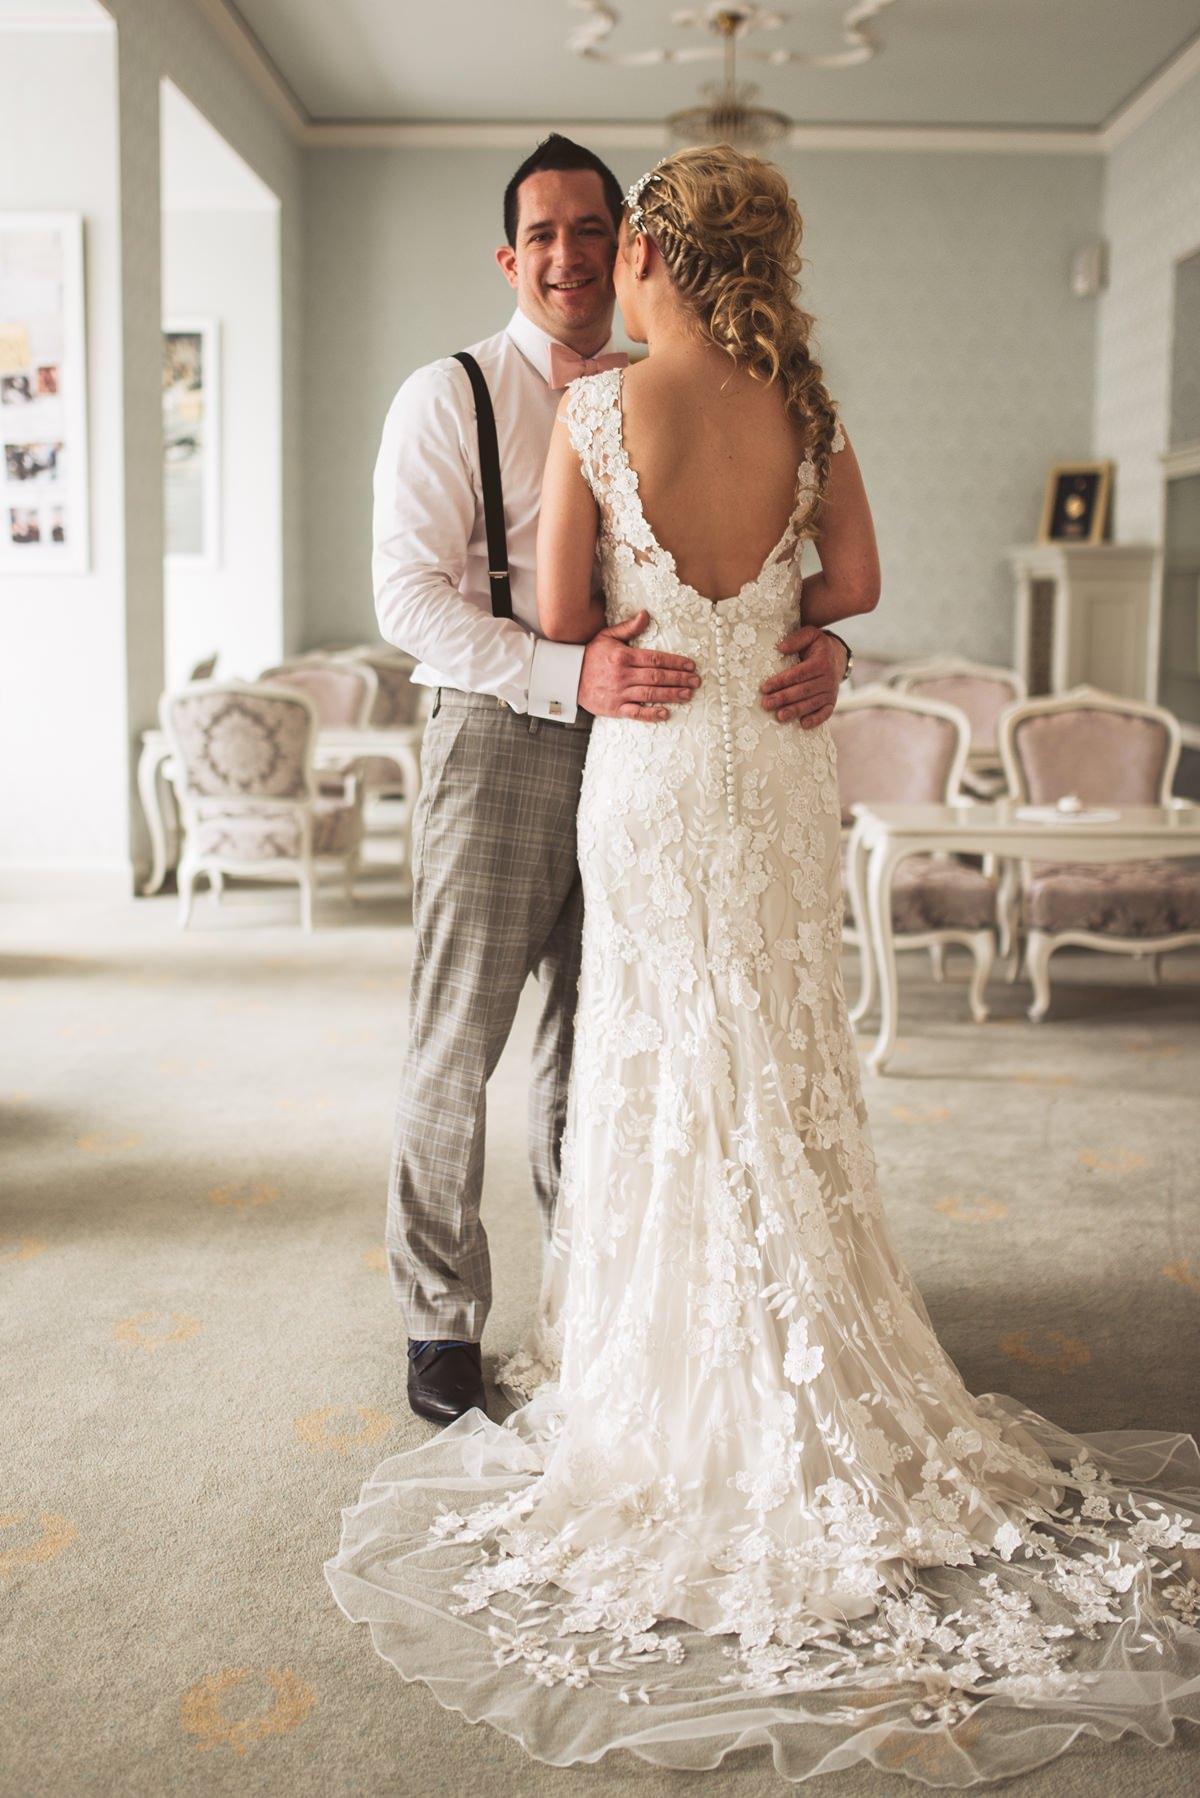 poroka_bled_grad_blejski_otok_wedding_castel_grand_hotel_toplice_poročni_fotograf_poročna_fotografija_084